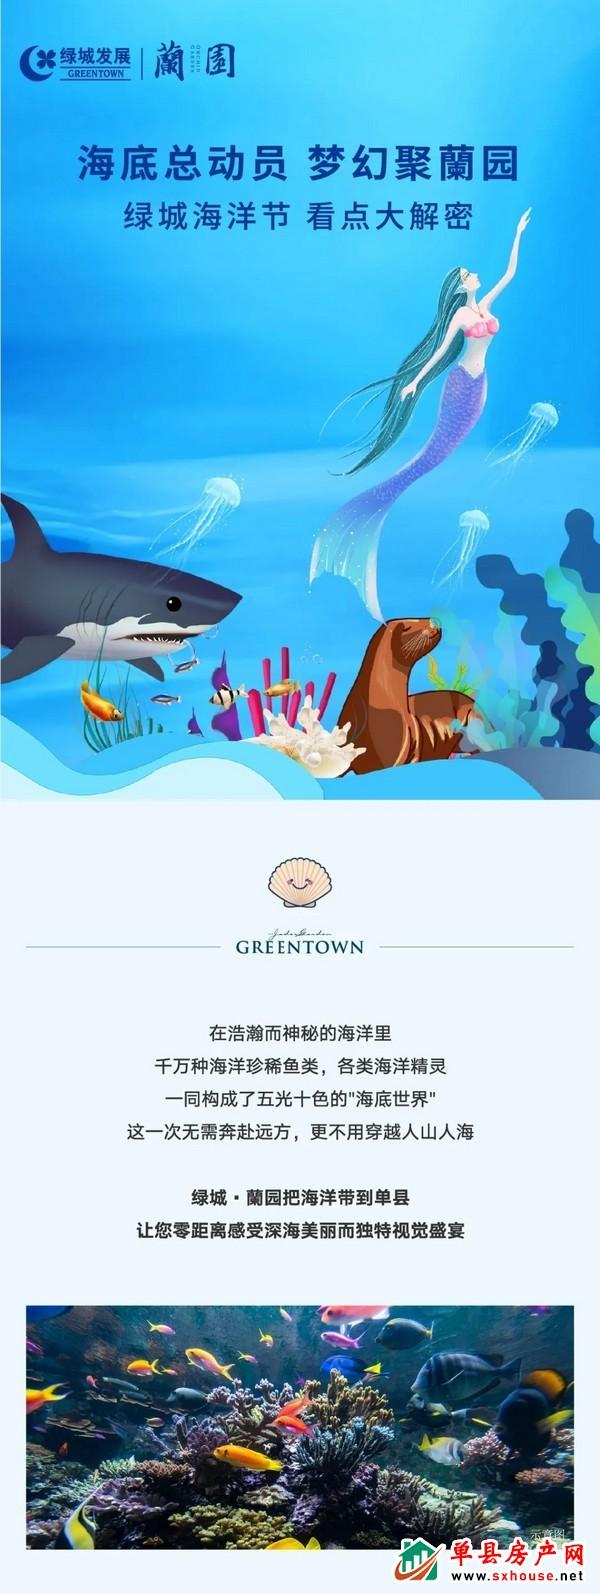 海底总动员,梦幻聚蘭园   绿城海洋节,看点大解密